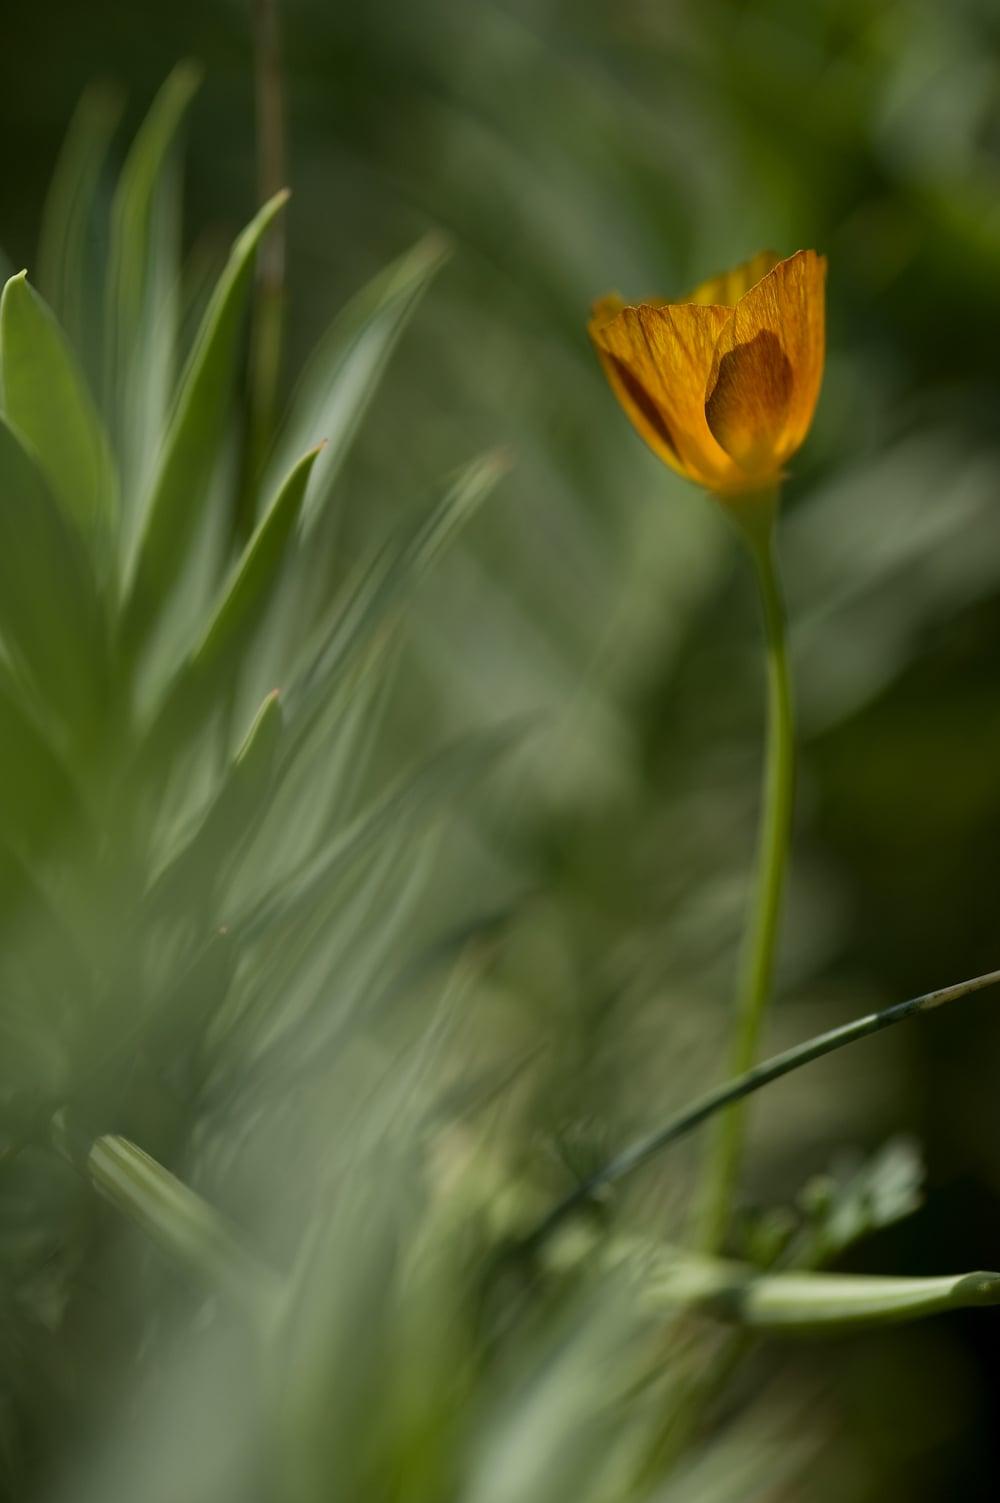 #22 Orange flower